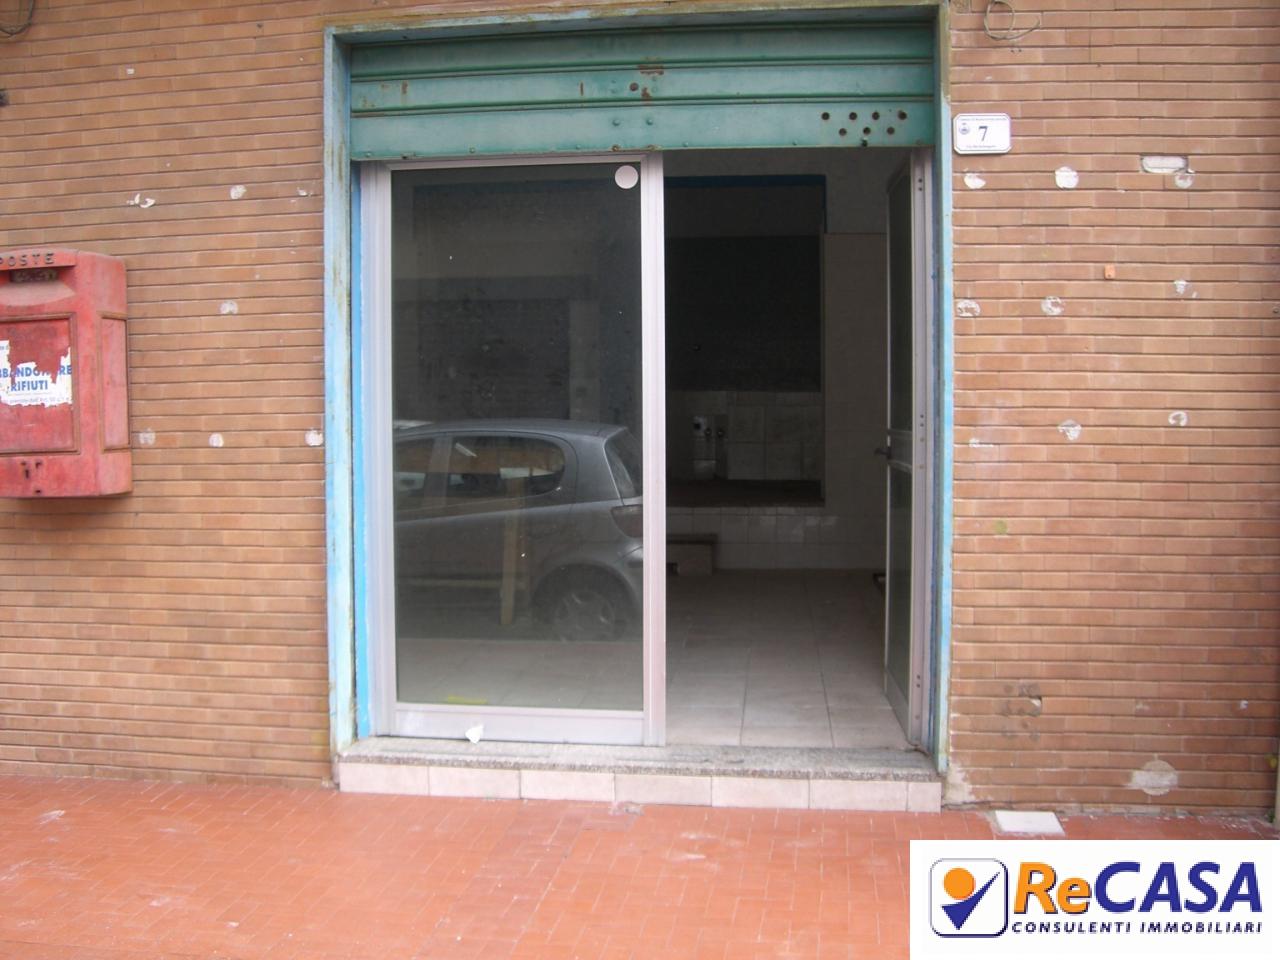 Negozio / Locale in affitto a Montecorvino Rovella, 9999 locali, zona Località: Centro, prezzo € 200 | CambioCasa.it